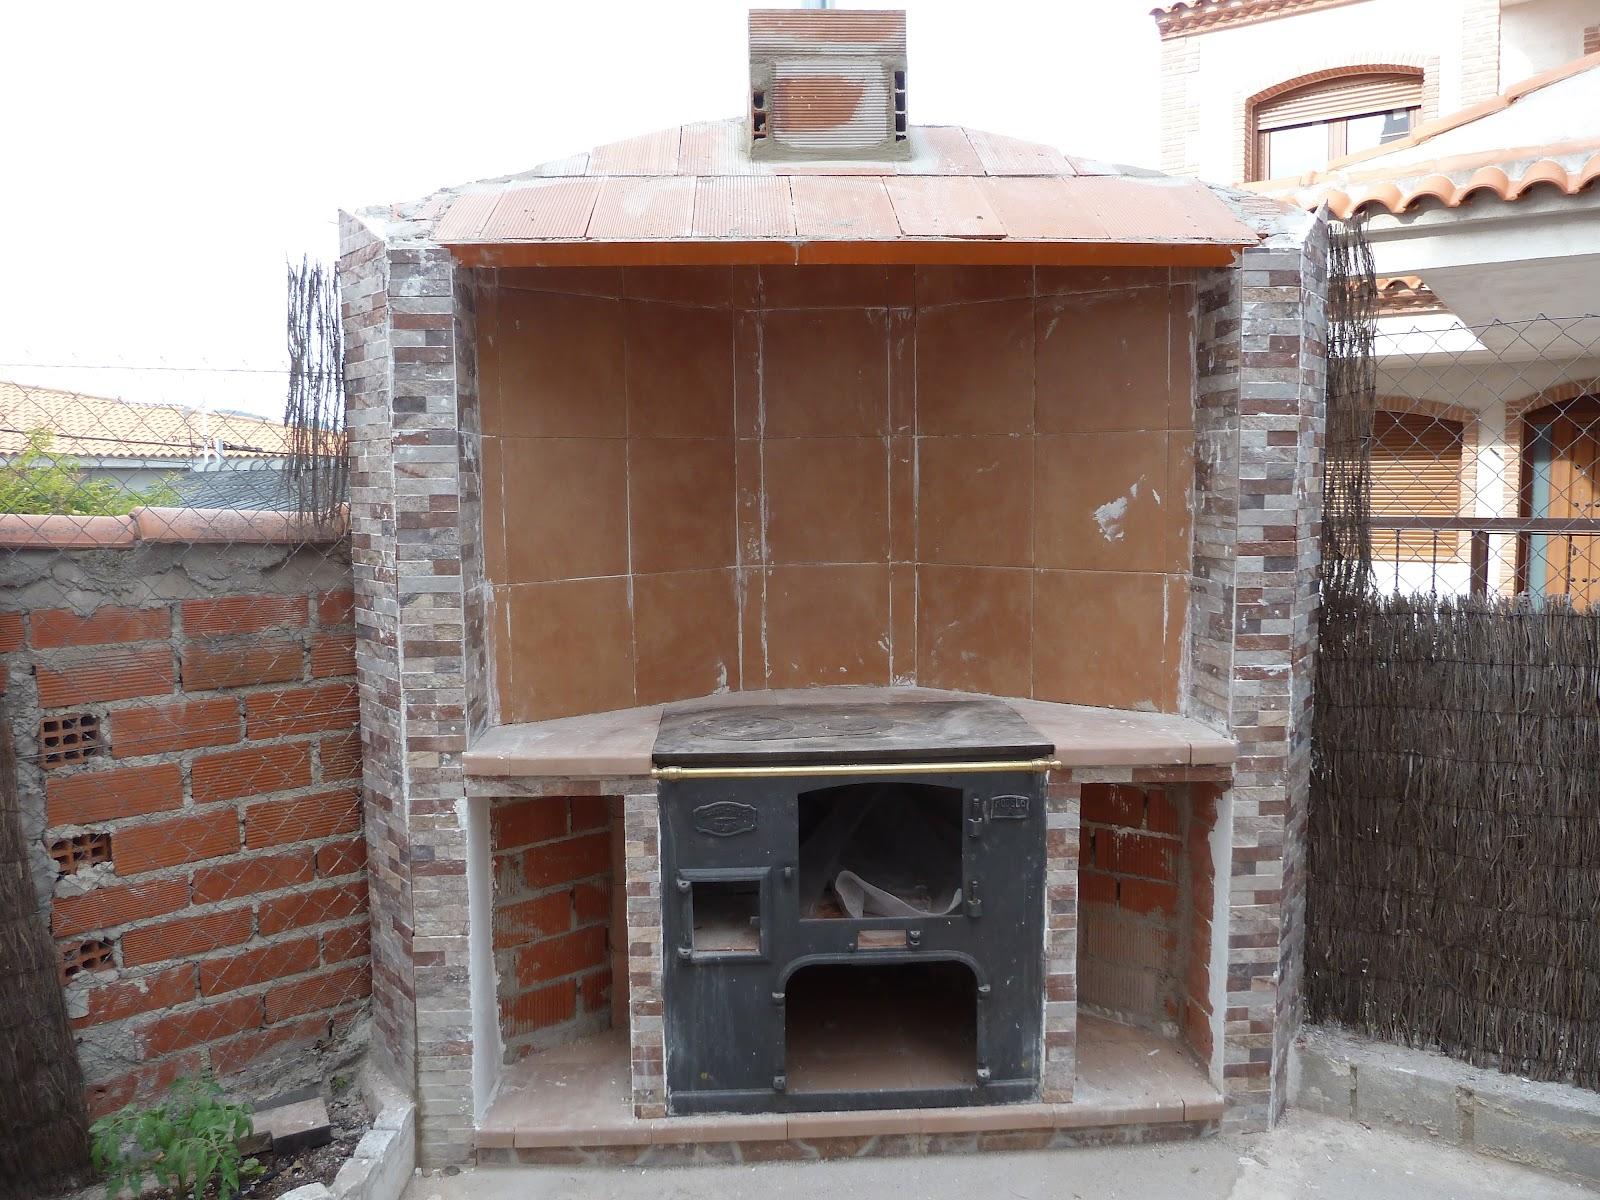 Crear restaurar y reciclar reutilizaci n antigua cocina - Cocinas economicas de lena ...